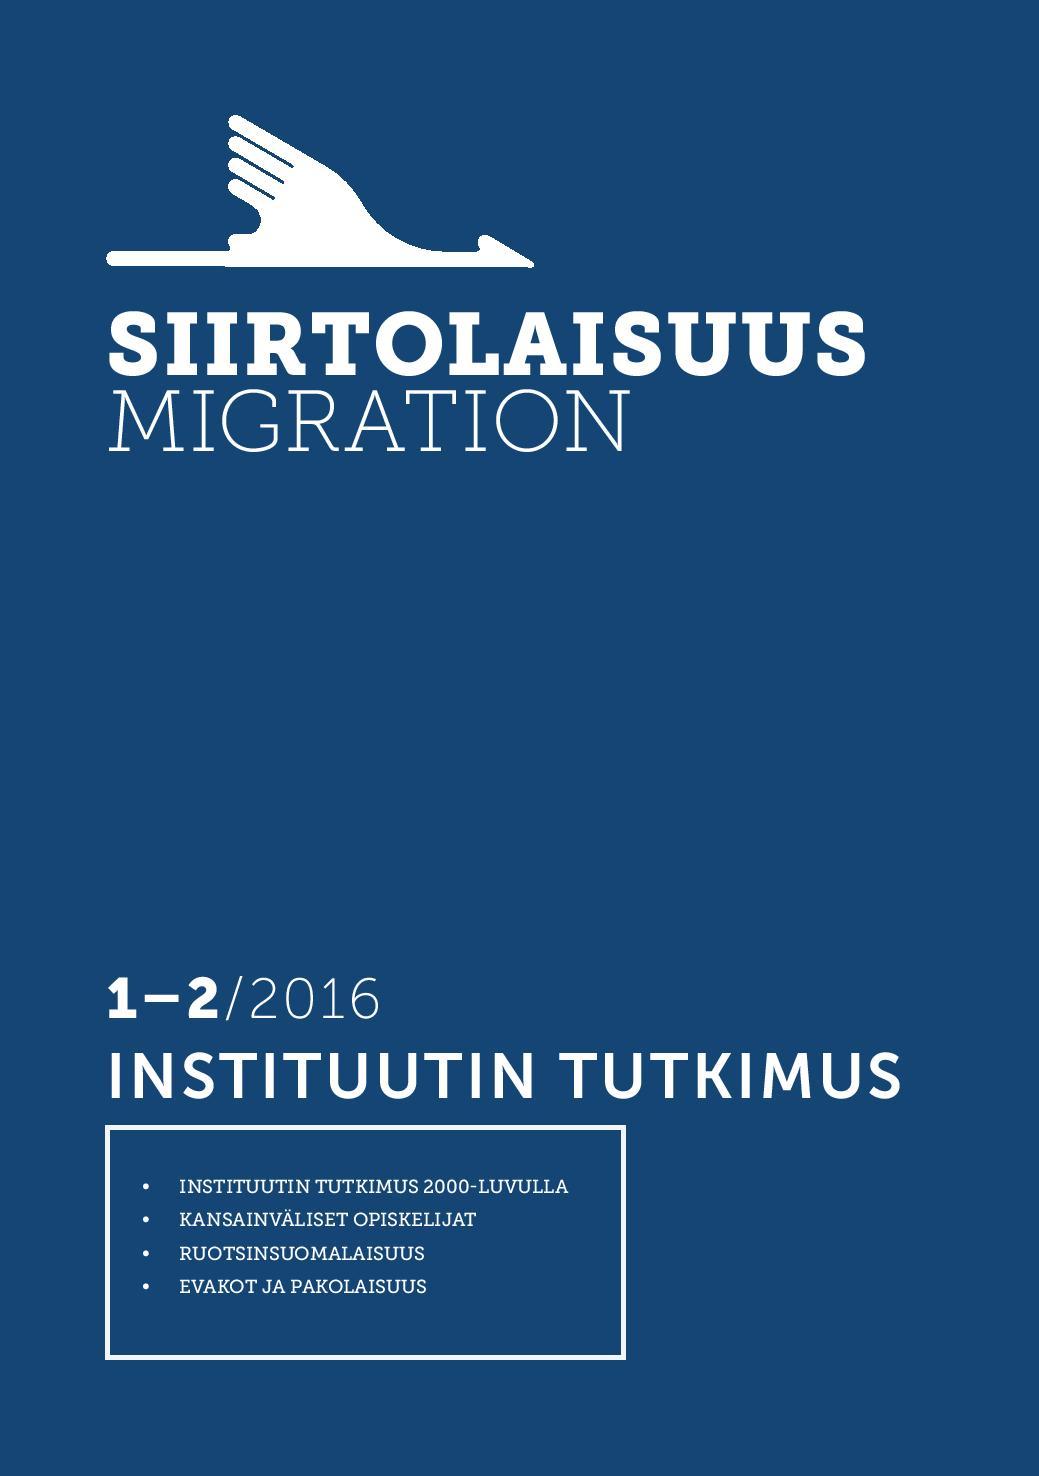 Näytä Vol 42 Nro 1-2 (2016): Instituutin tutkimus